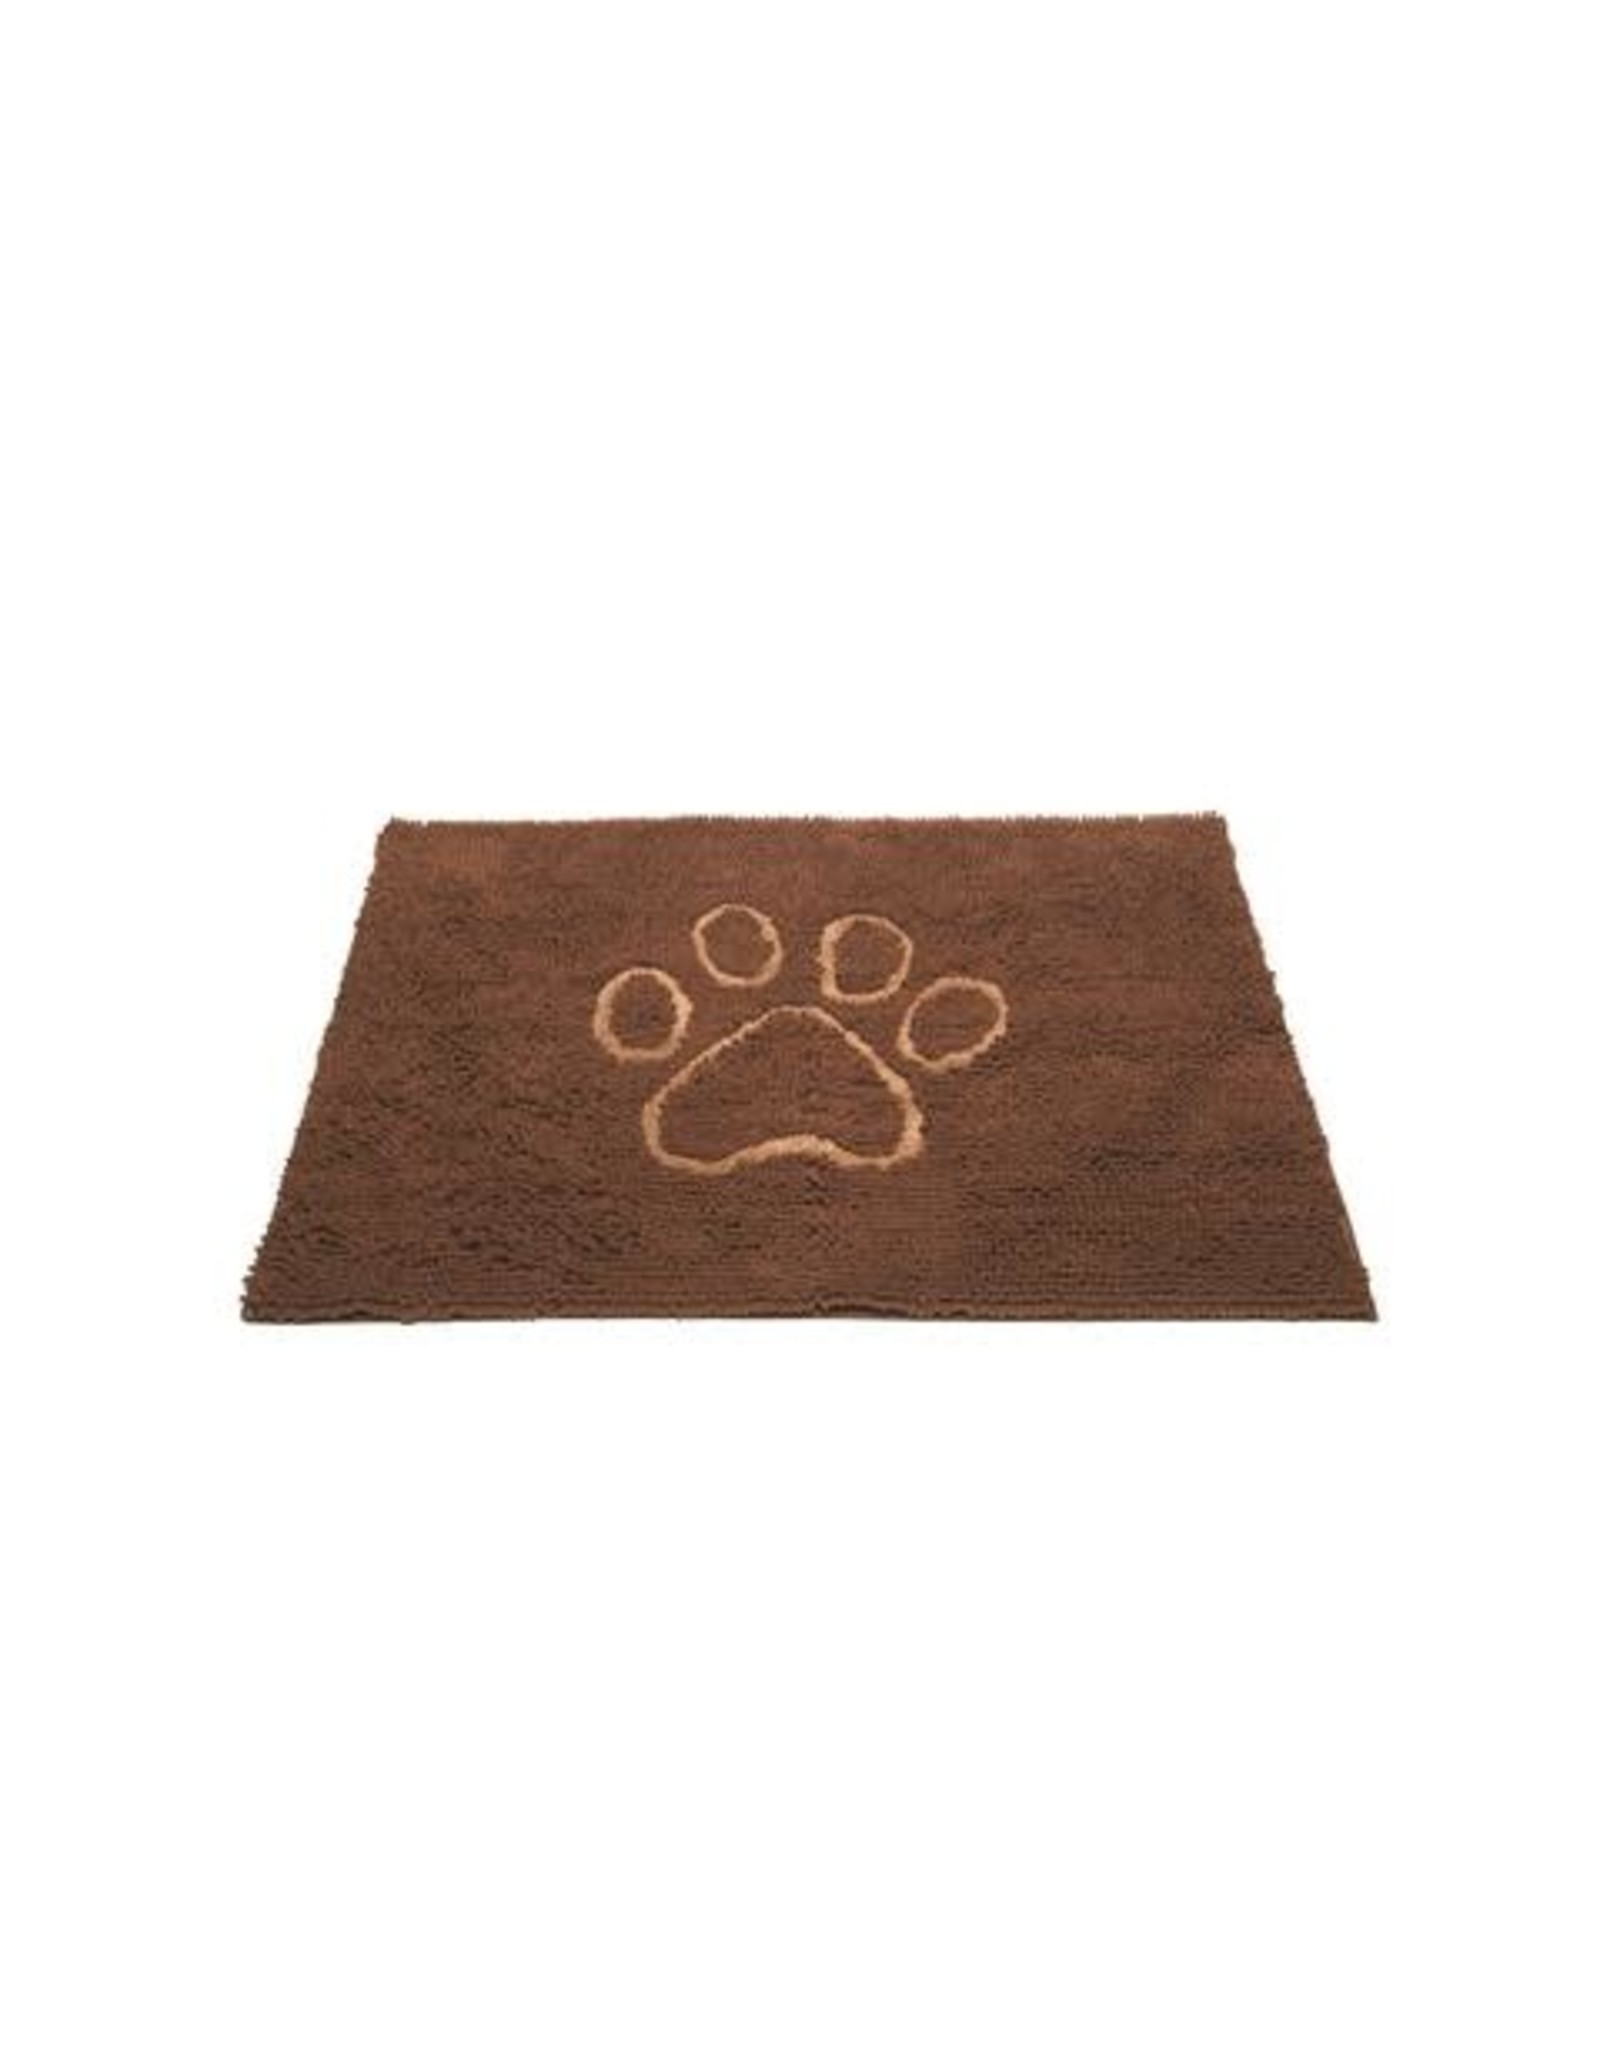 """Dog Gone Smart DGS / Dirty Dog Doormat Floor Runner 60"""" x 30"""" / Brown"""